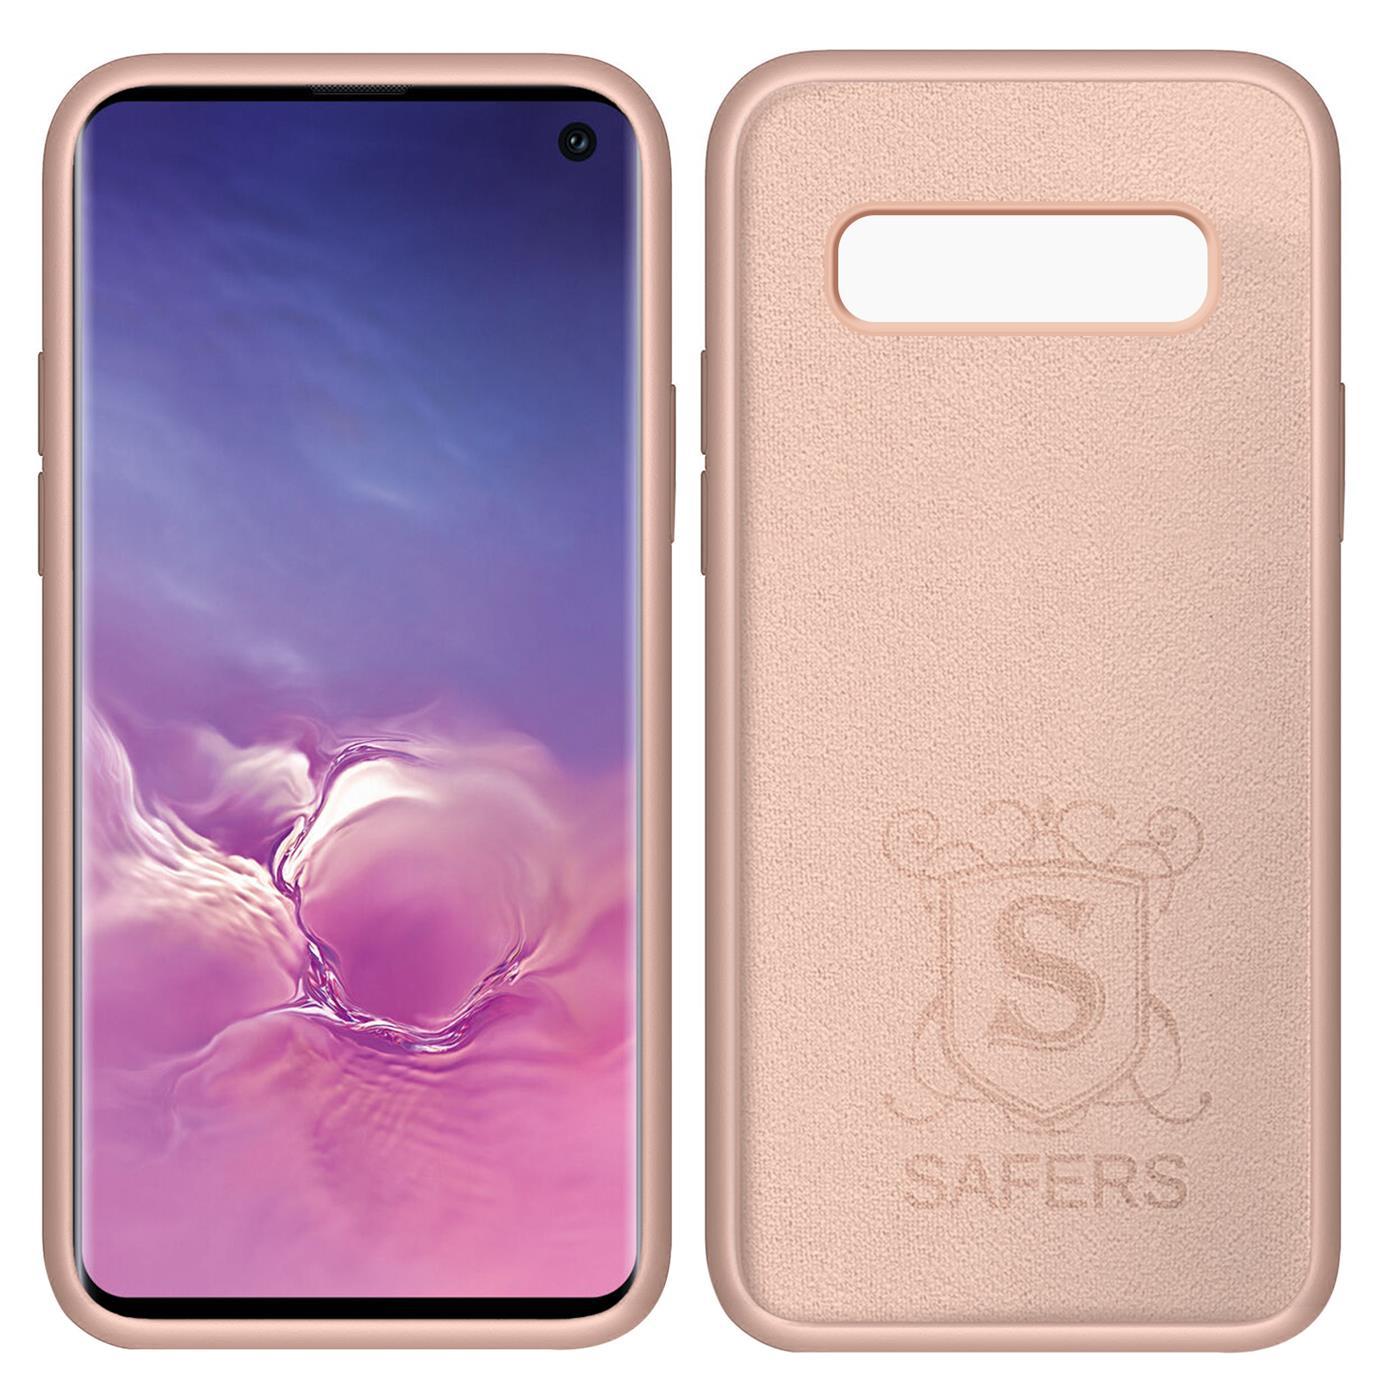 Huelle-Samsung-Galaxy-S10-Handy-Schutz-Cover-Silikon-Gel-Case-Handyhuelle-Tasche Indexbild 16